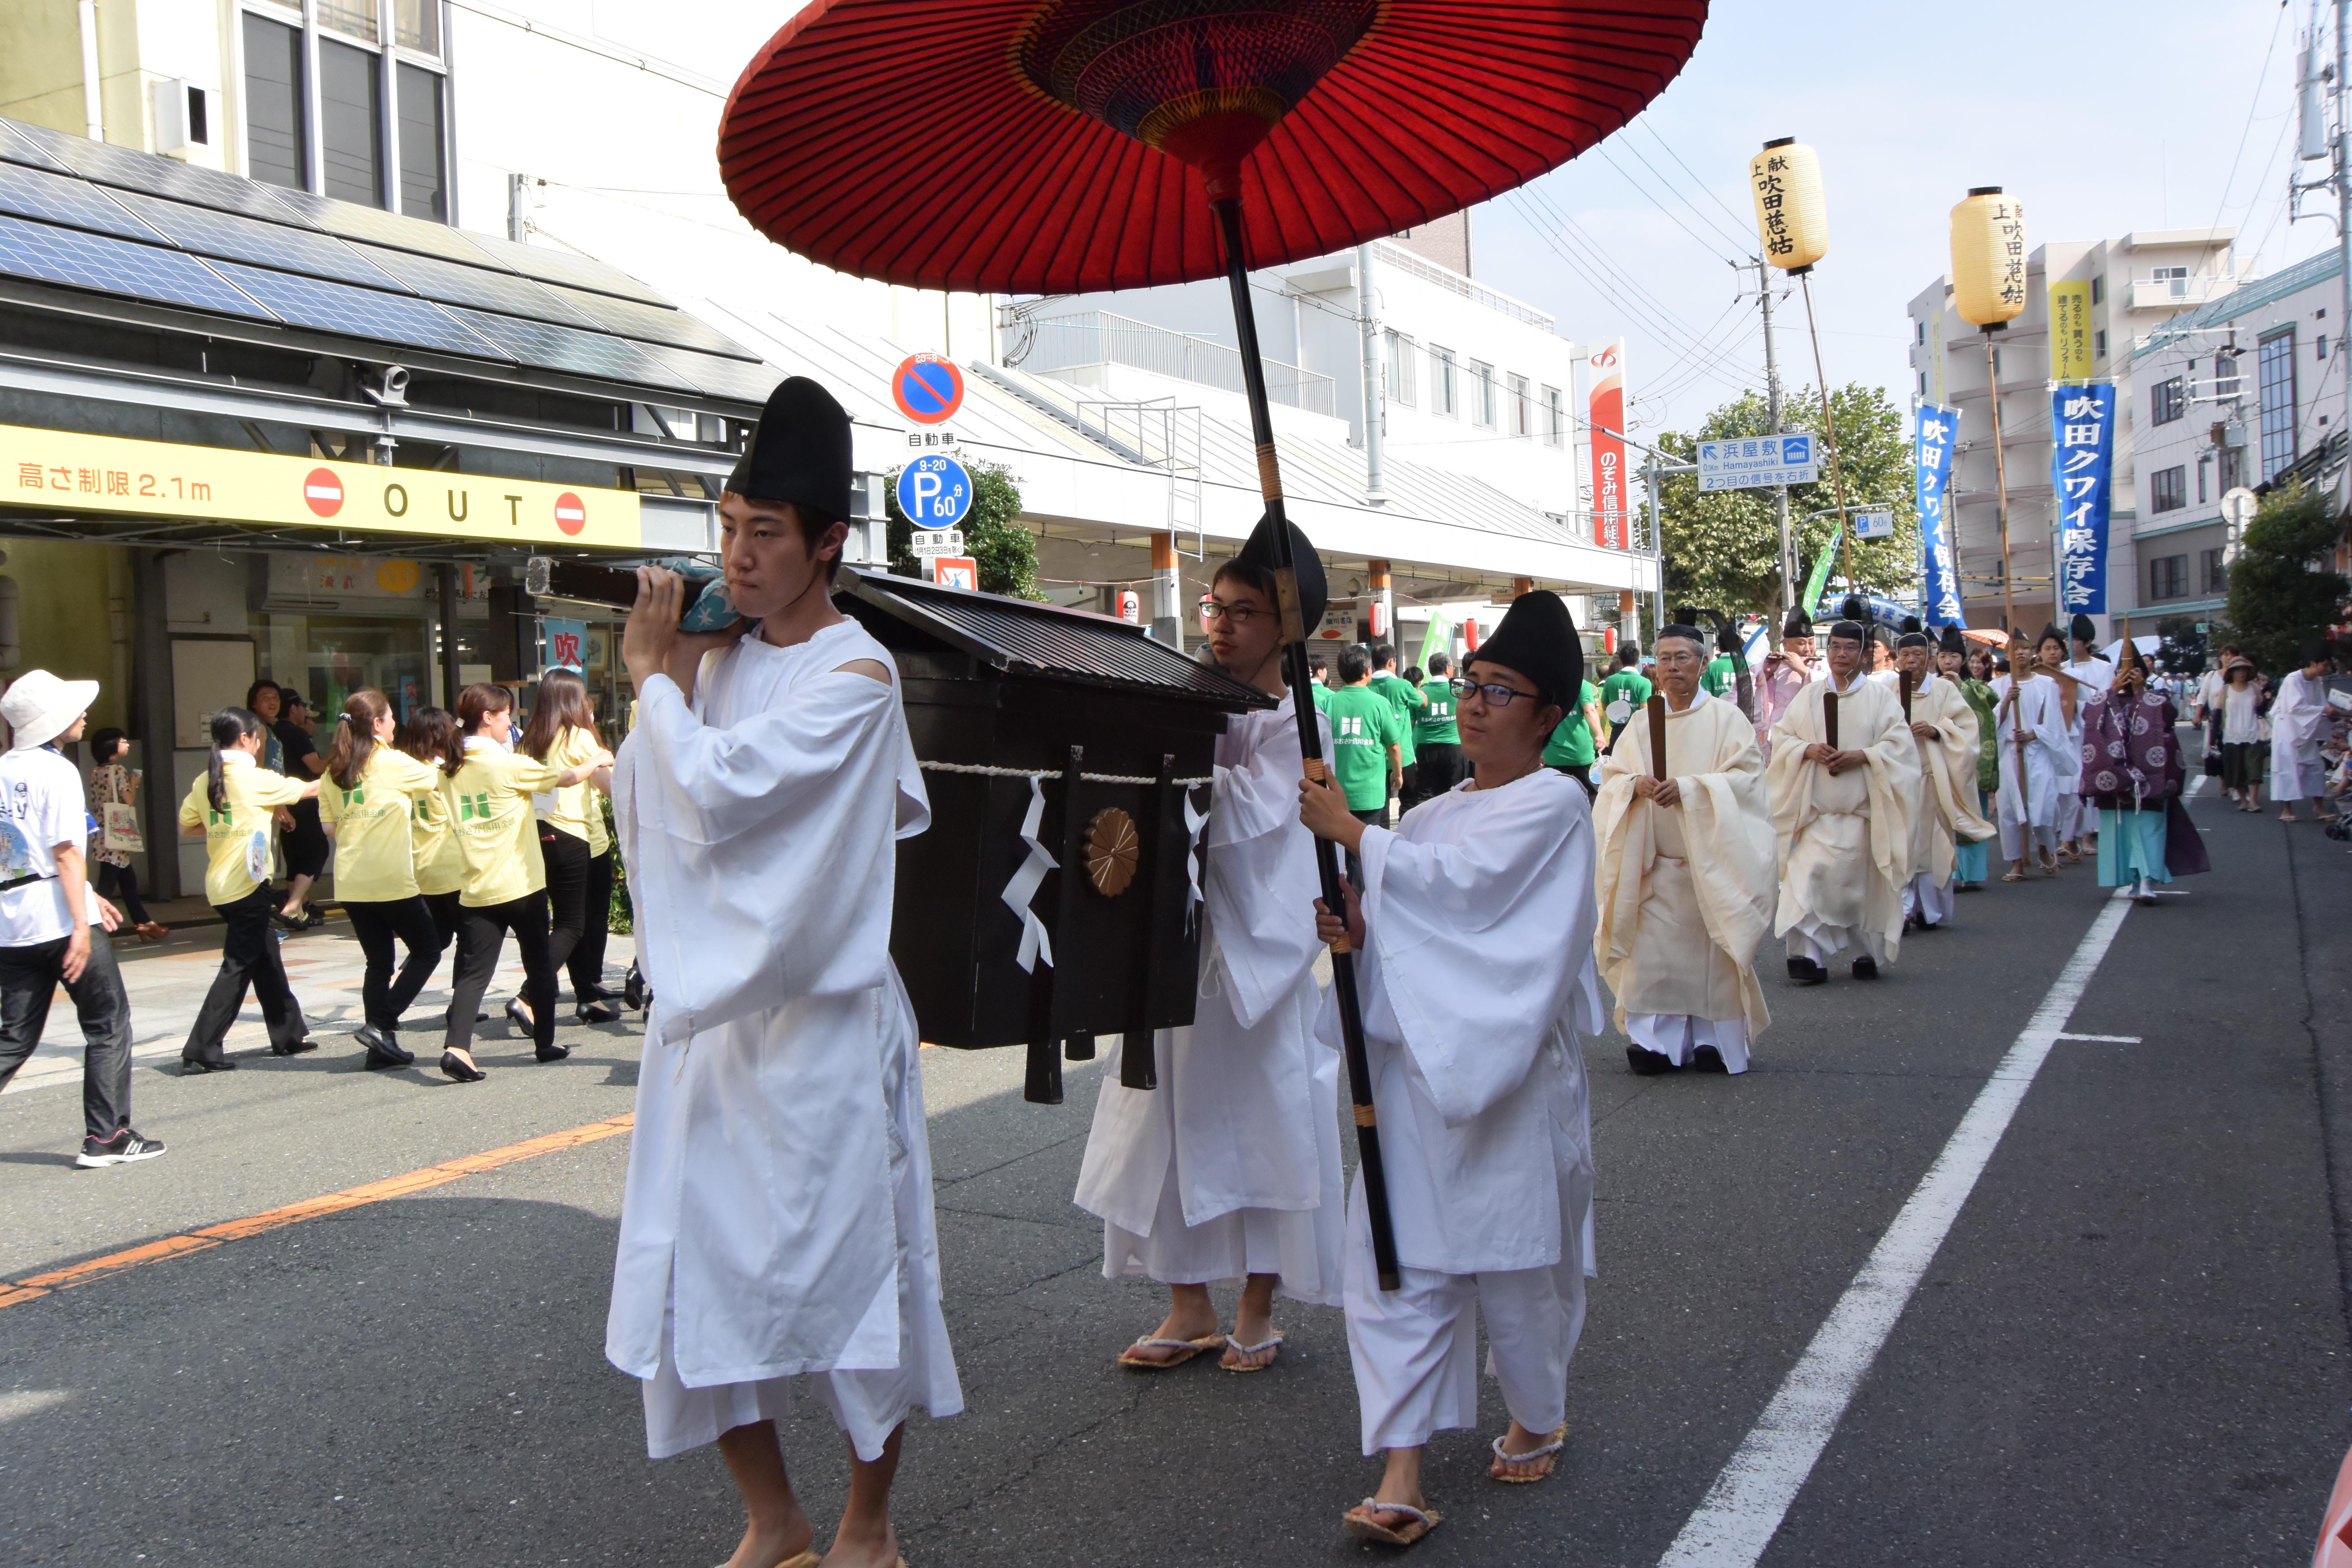 なにわの伝統野菜「吹田くわい」の献上行列を7月29日(日)の吹田まつりで再現 -- 大阪学院大学